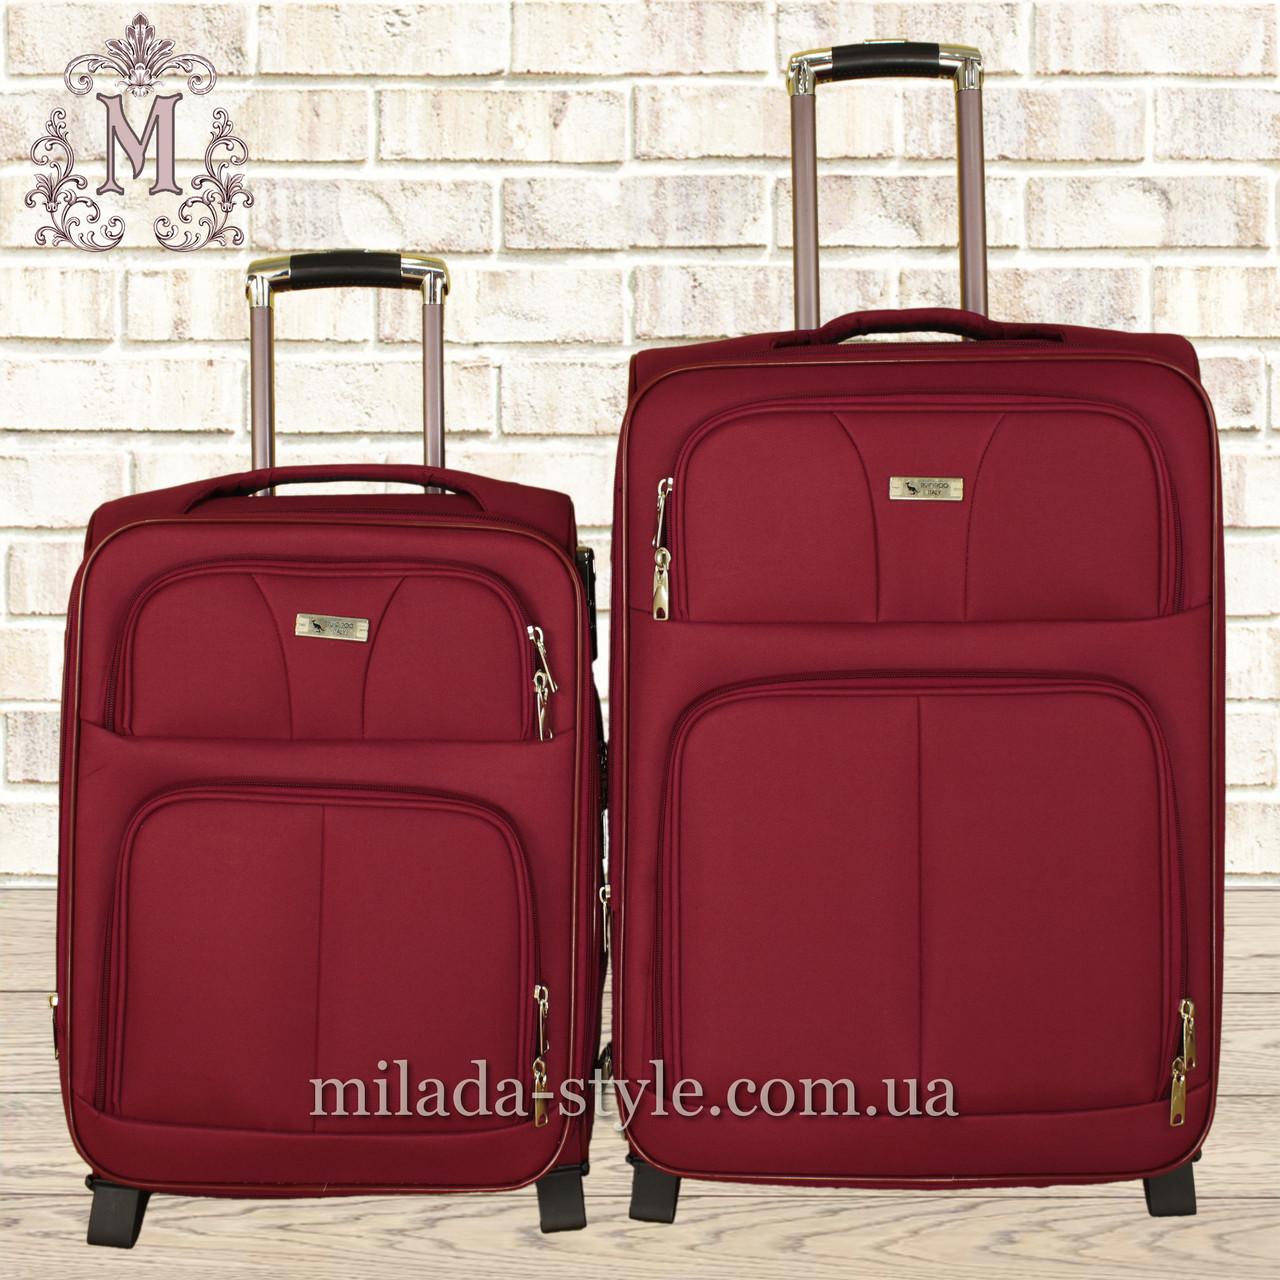 Комплект чемоданов 3 колеса 2в1 (красный)